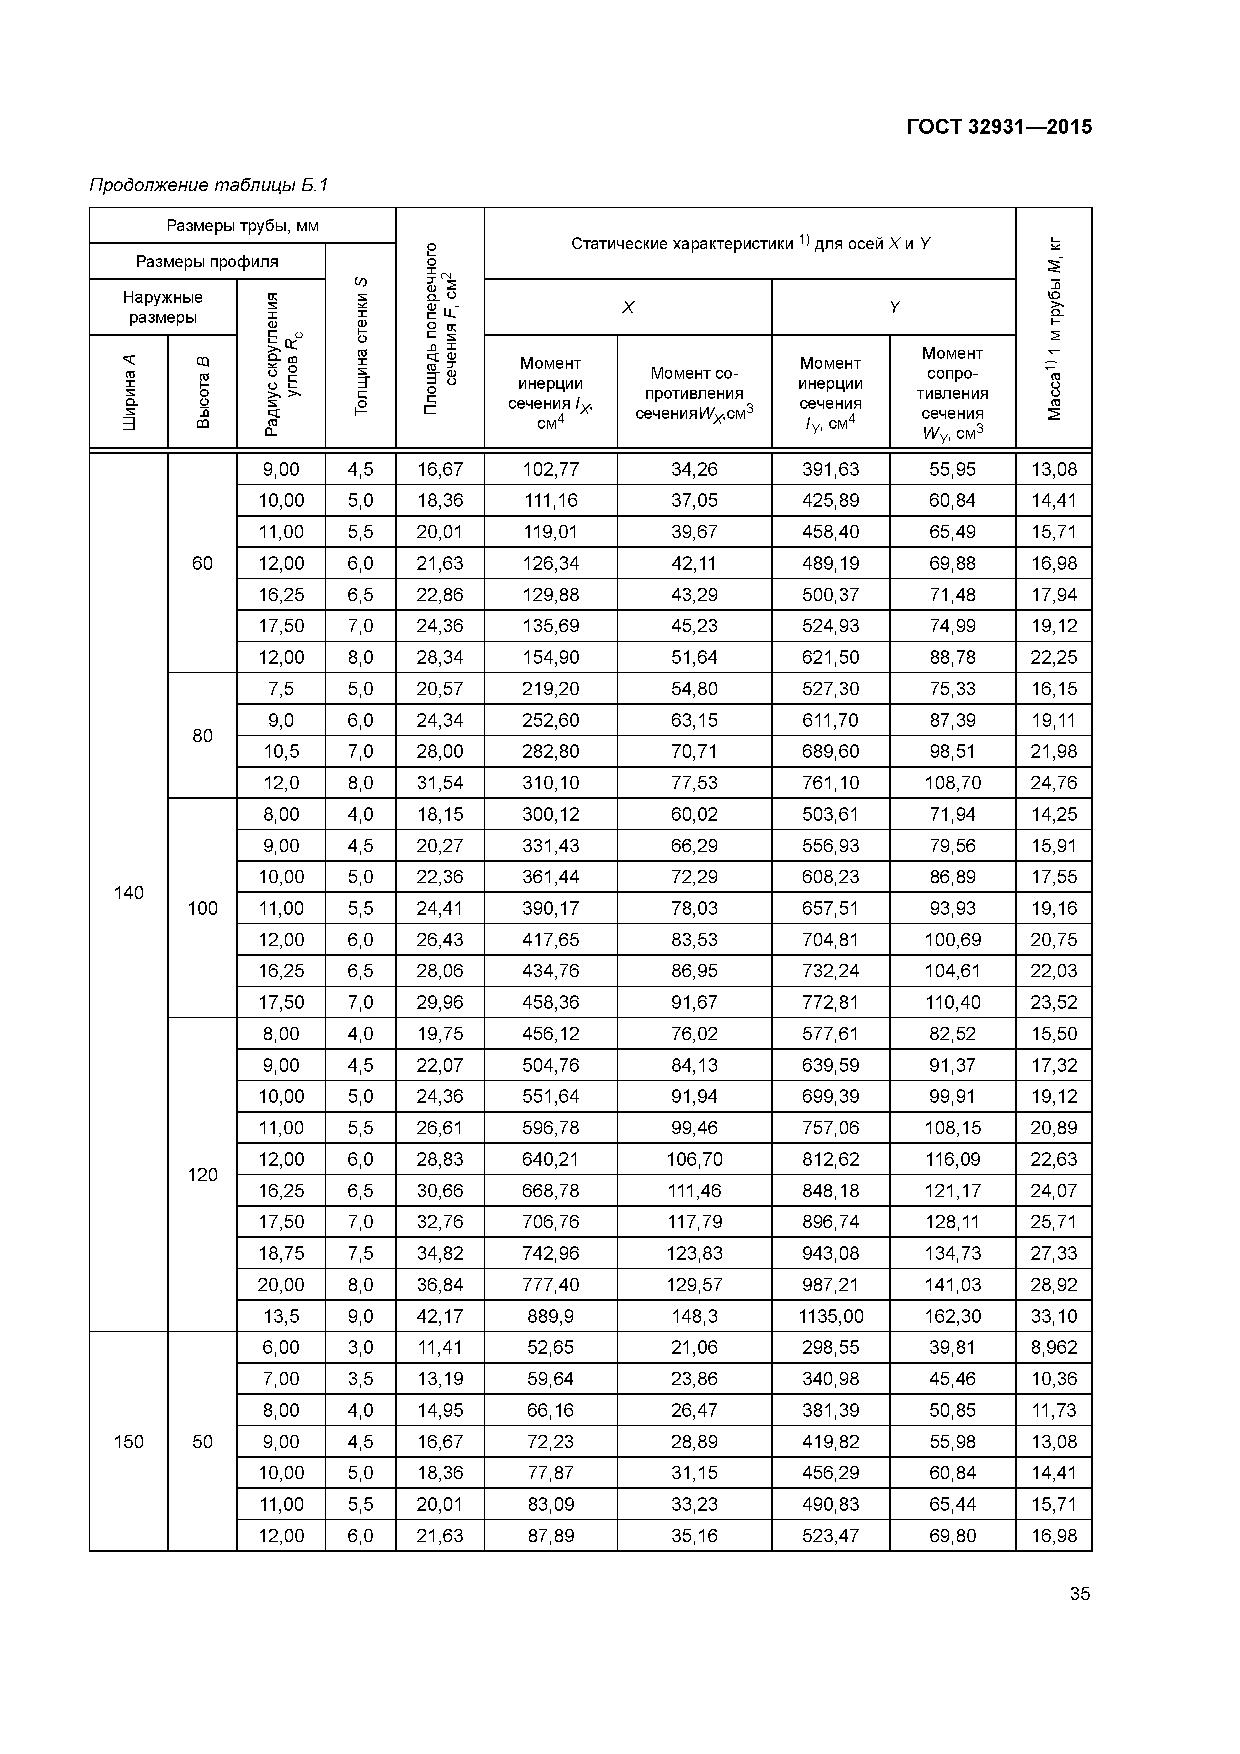 вес профиля ГОСТ 32931